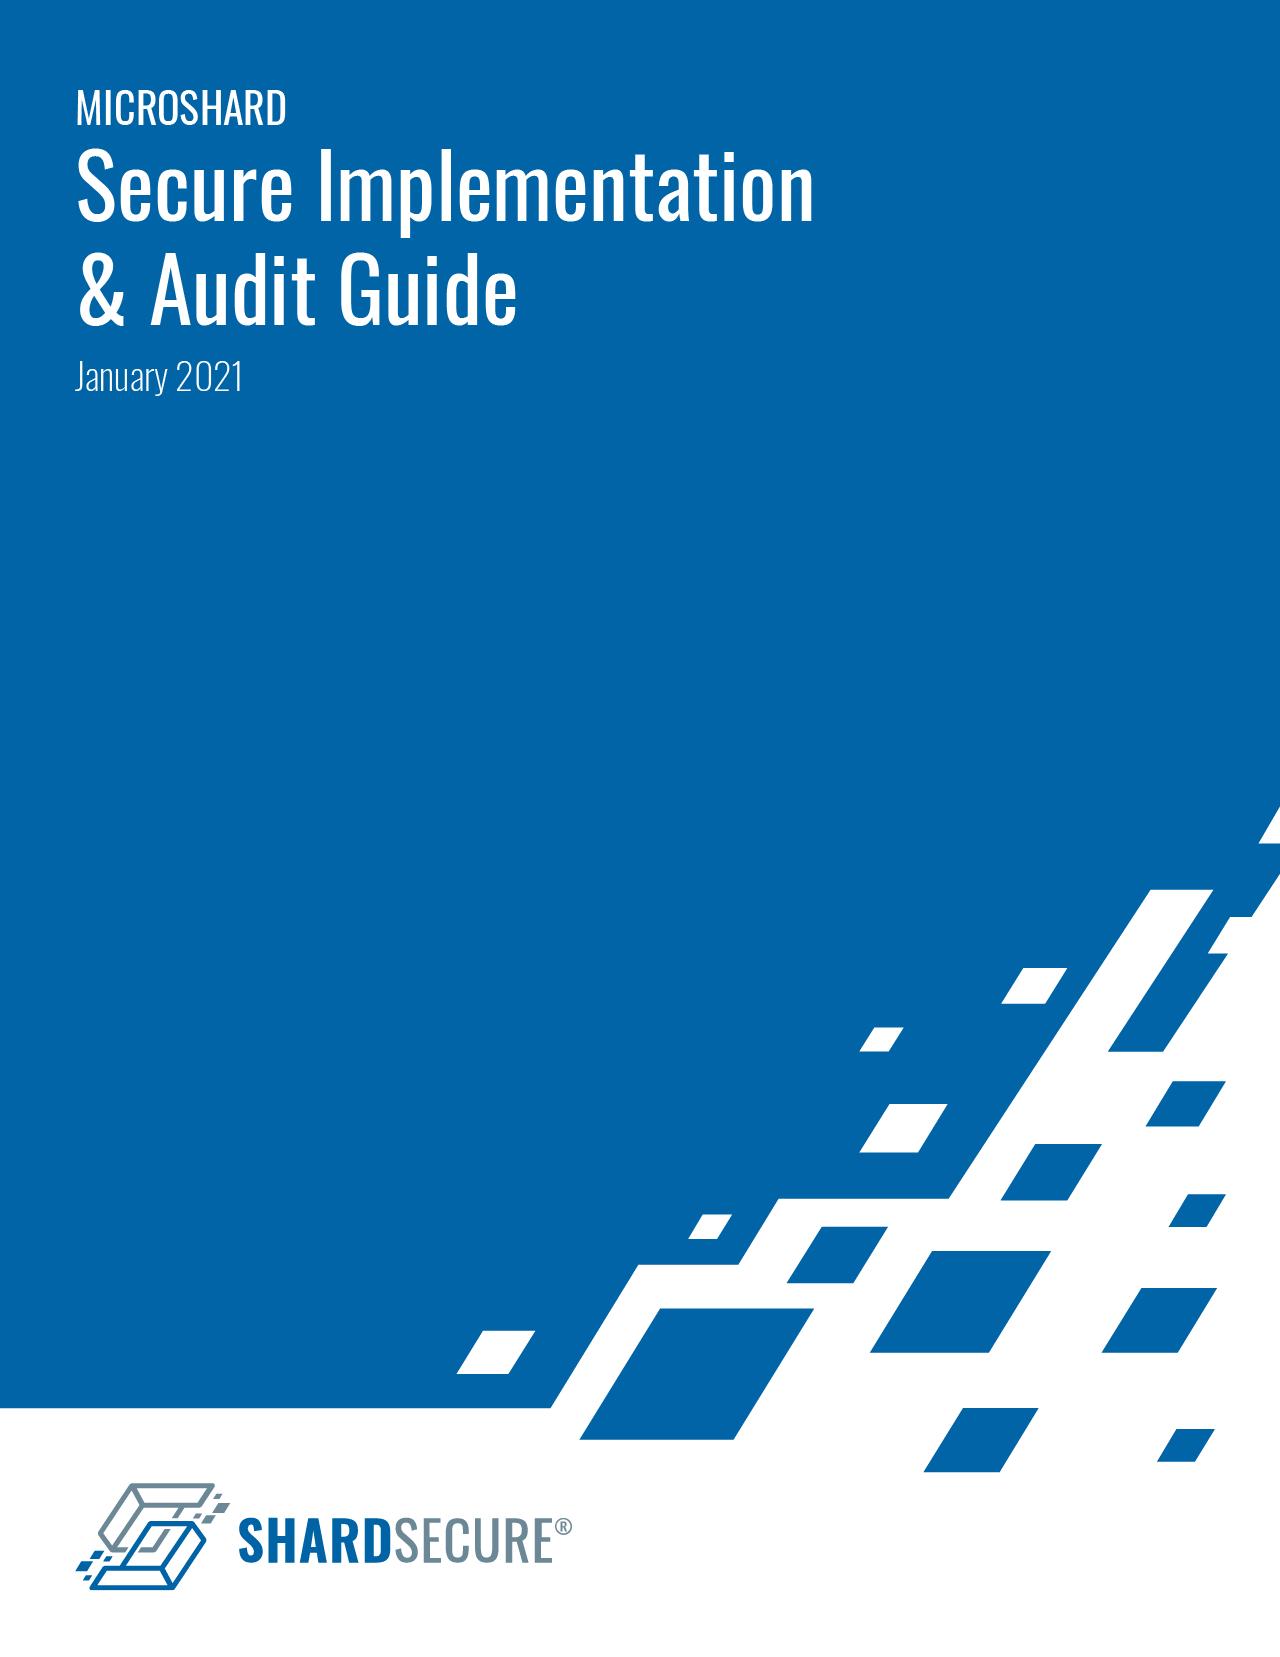 ShardSecure: Microshard Secure Implementation & Audit Guide